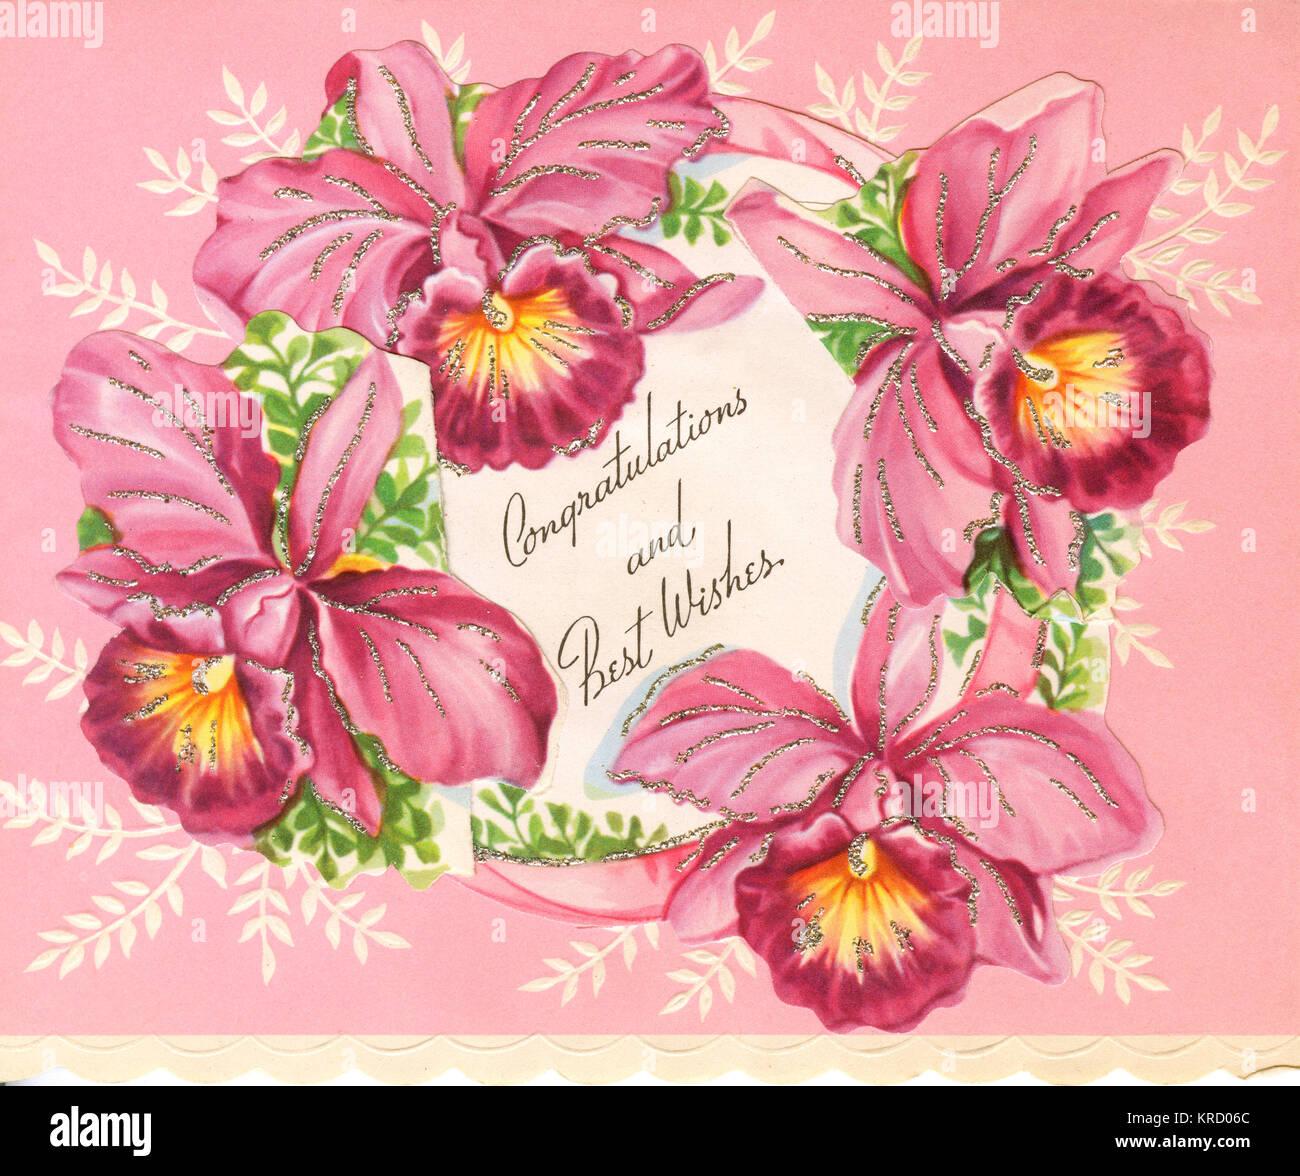 Auguri Matrimonio In Tedesco : Un giorno di nozze carta congratulazioni e i migliori auguri